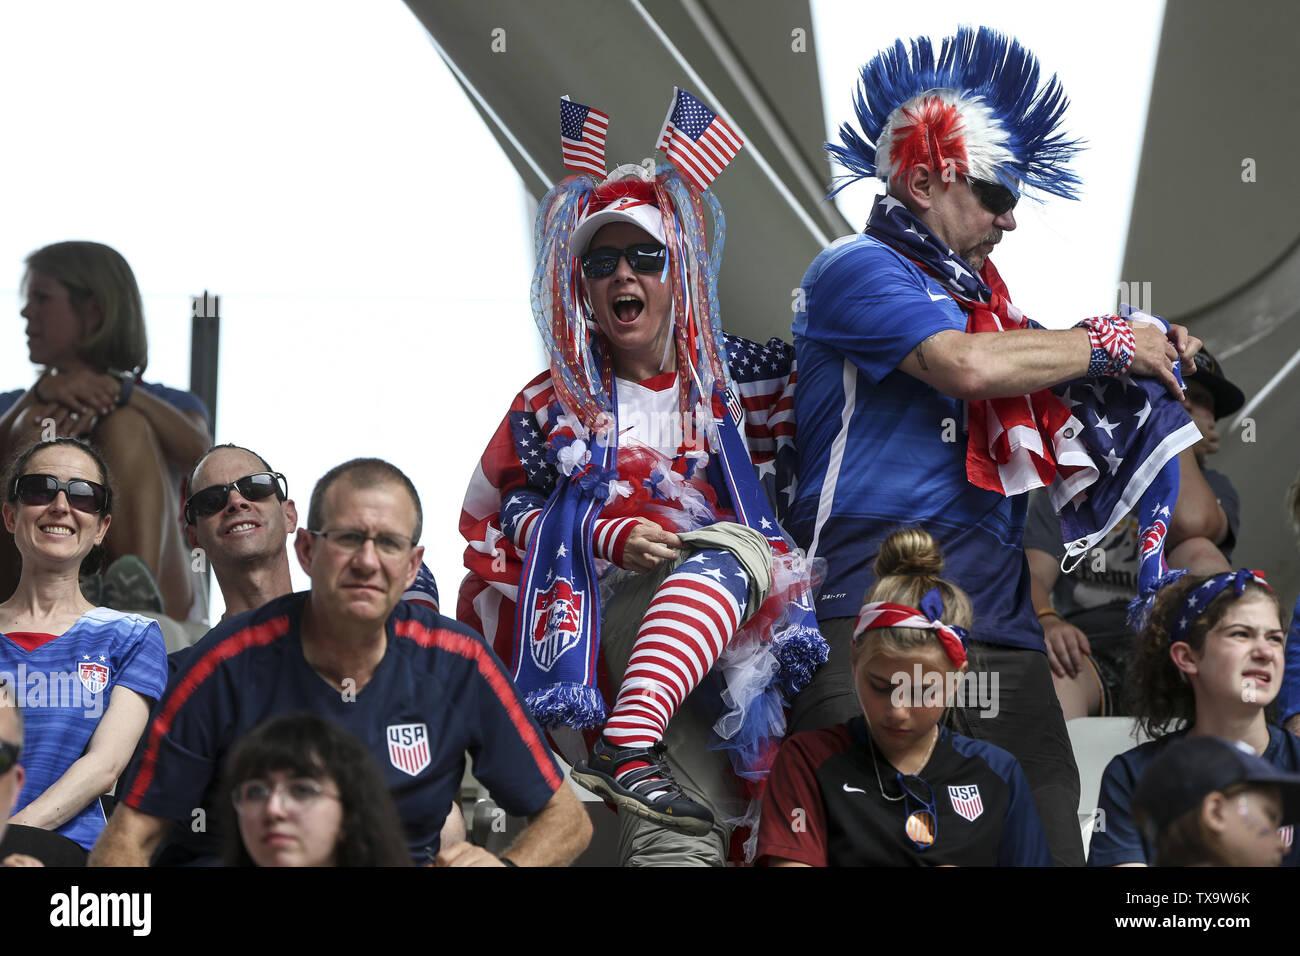 Junio 24, 2019 - partidarios EEUU, Francia durante la Copa Mundial Femenina 2019 octavos de final del partido de fútbol entre España y EE.UU., el 24 de junio de 2019, en el estadio Auguste-Delaune en Reims, en el norte de Francia. (Crédito de la Imagen: © Elyxandro CegarraZUMA Wire) Imagen De Stock